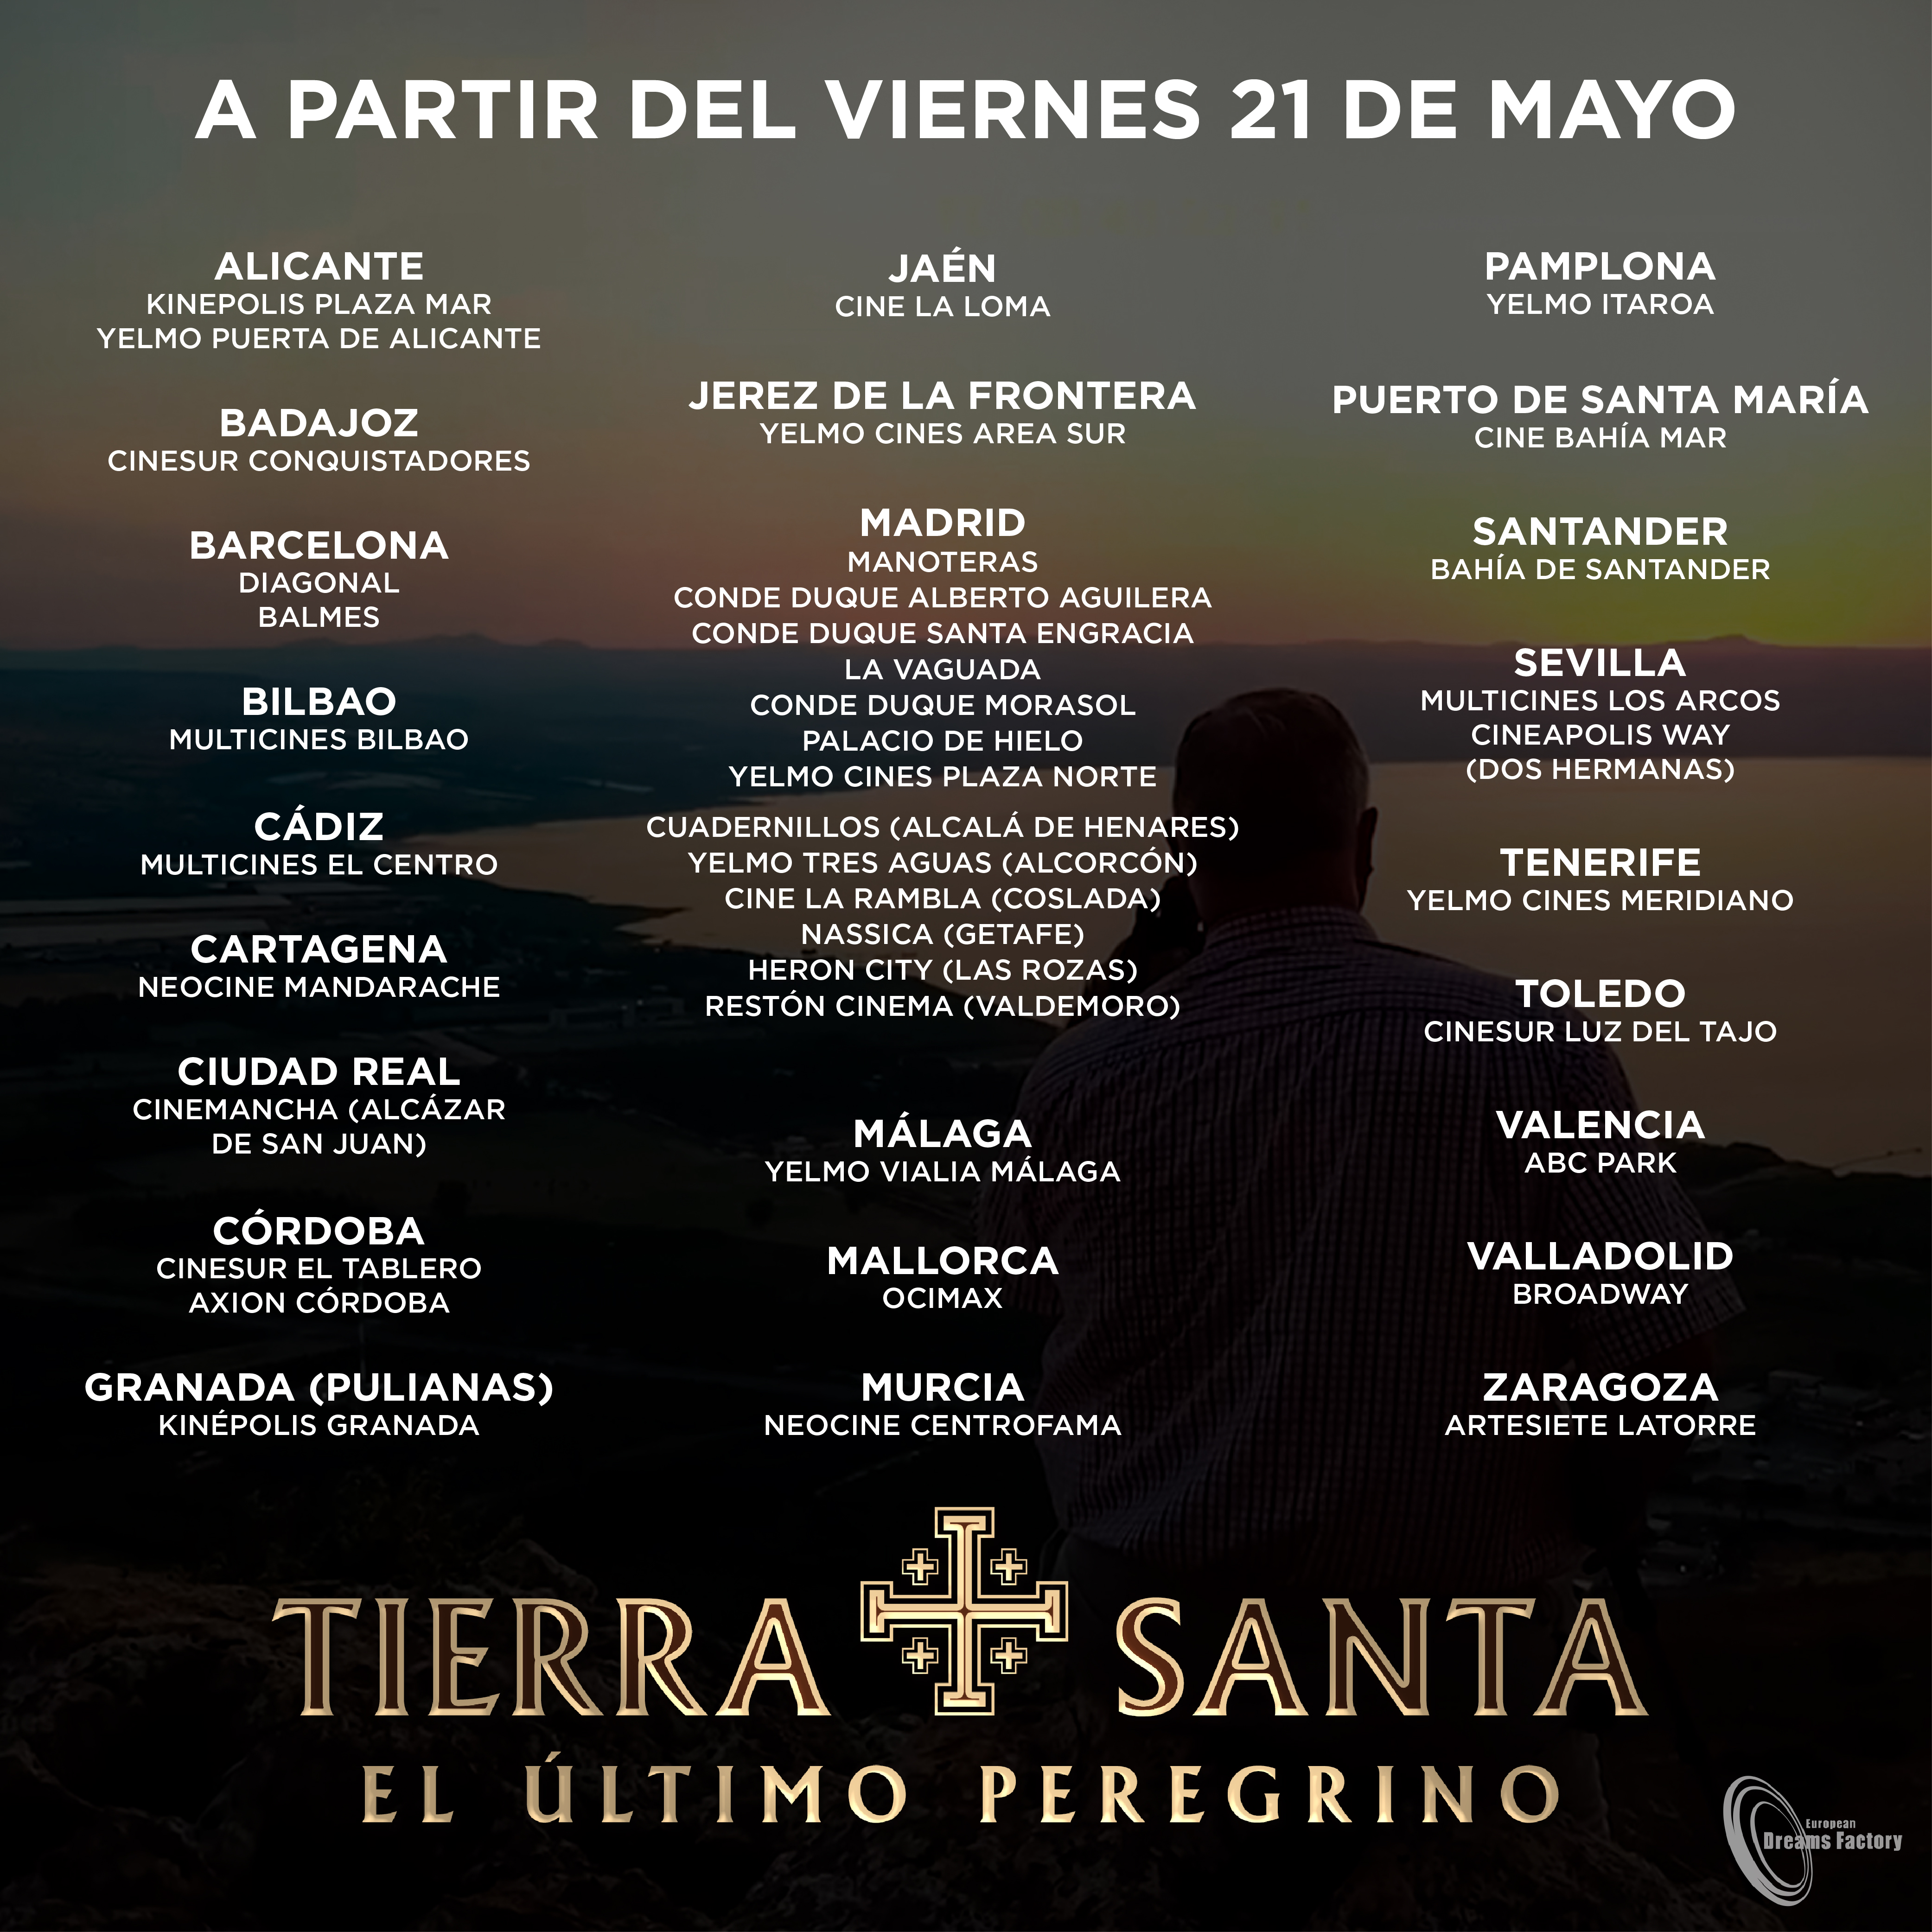 Cartelera cines Tierra Santa El último peregrino